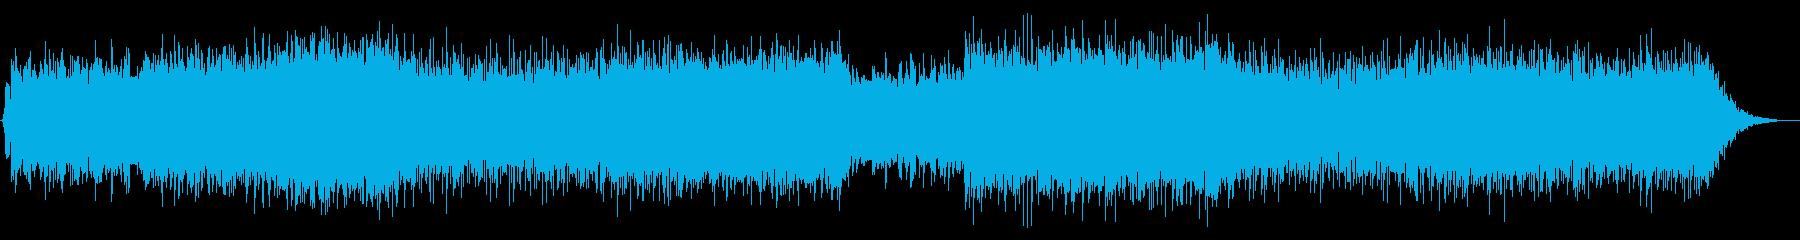 ピアノメインのミドルテンポバラードの再生済みの波形